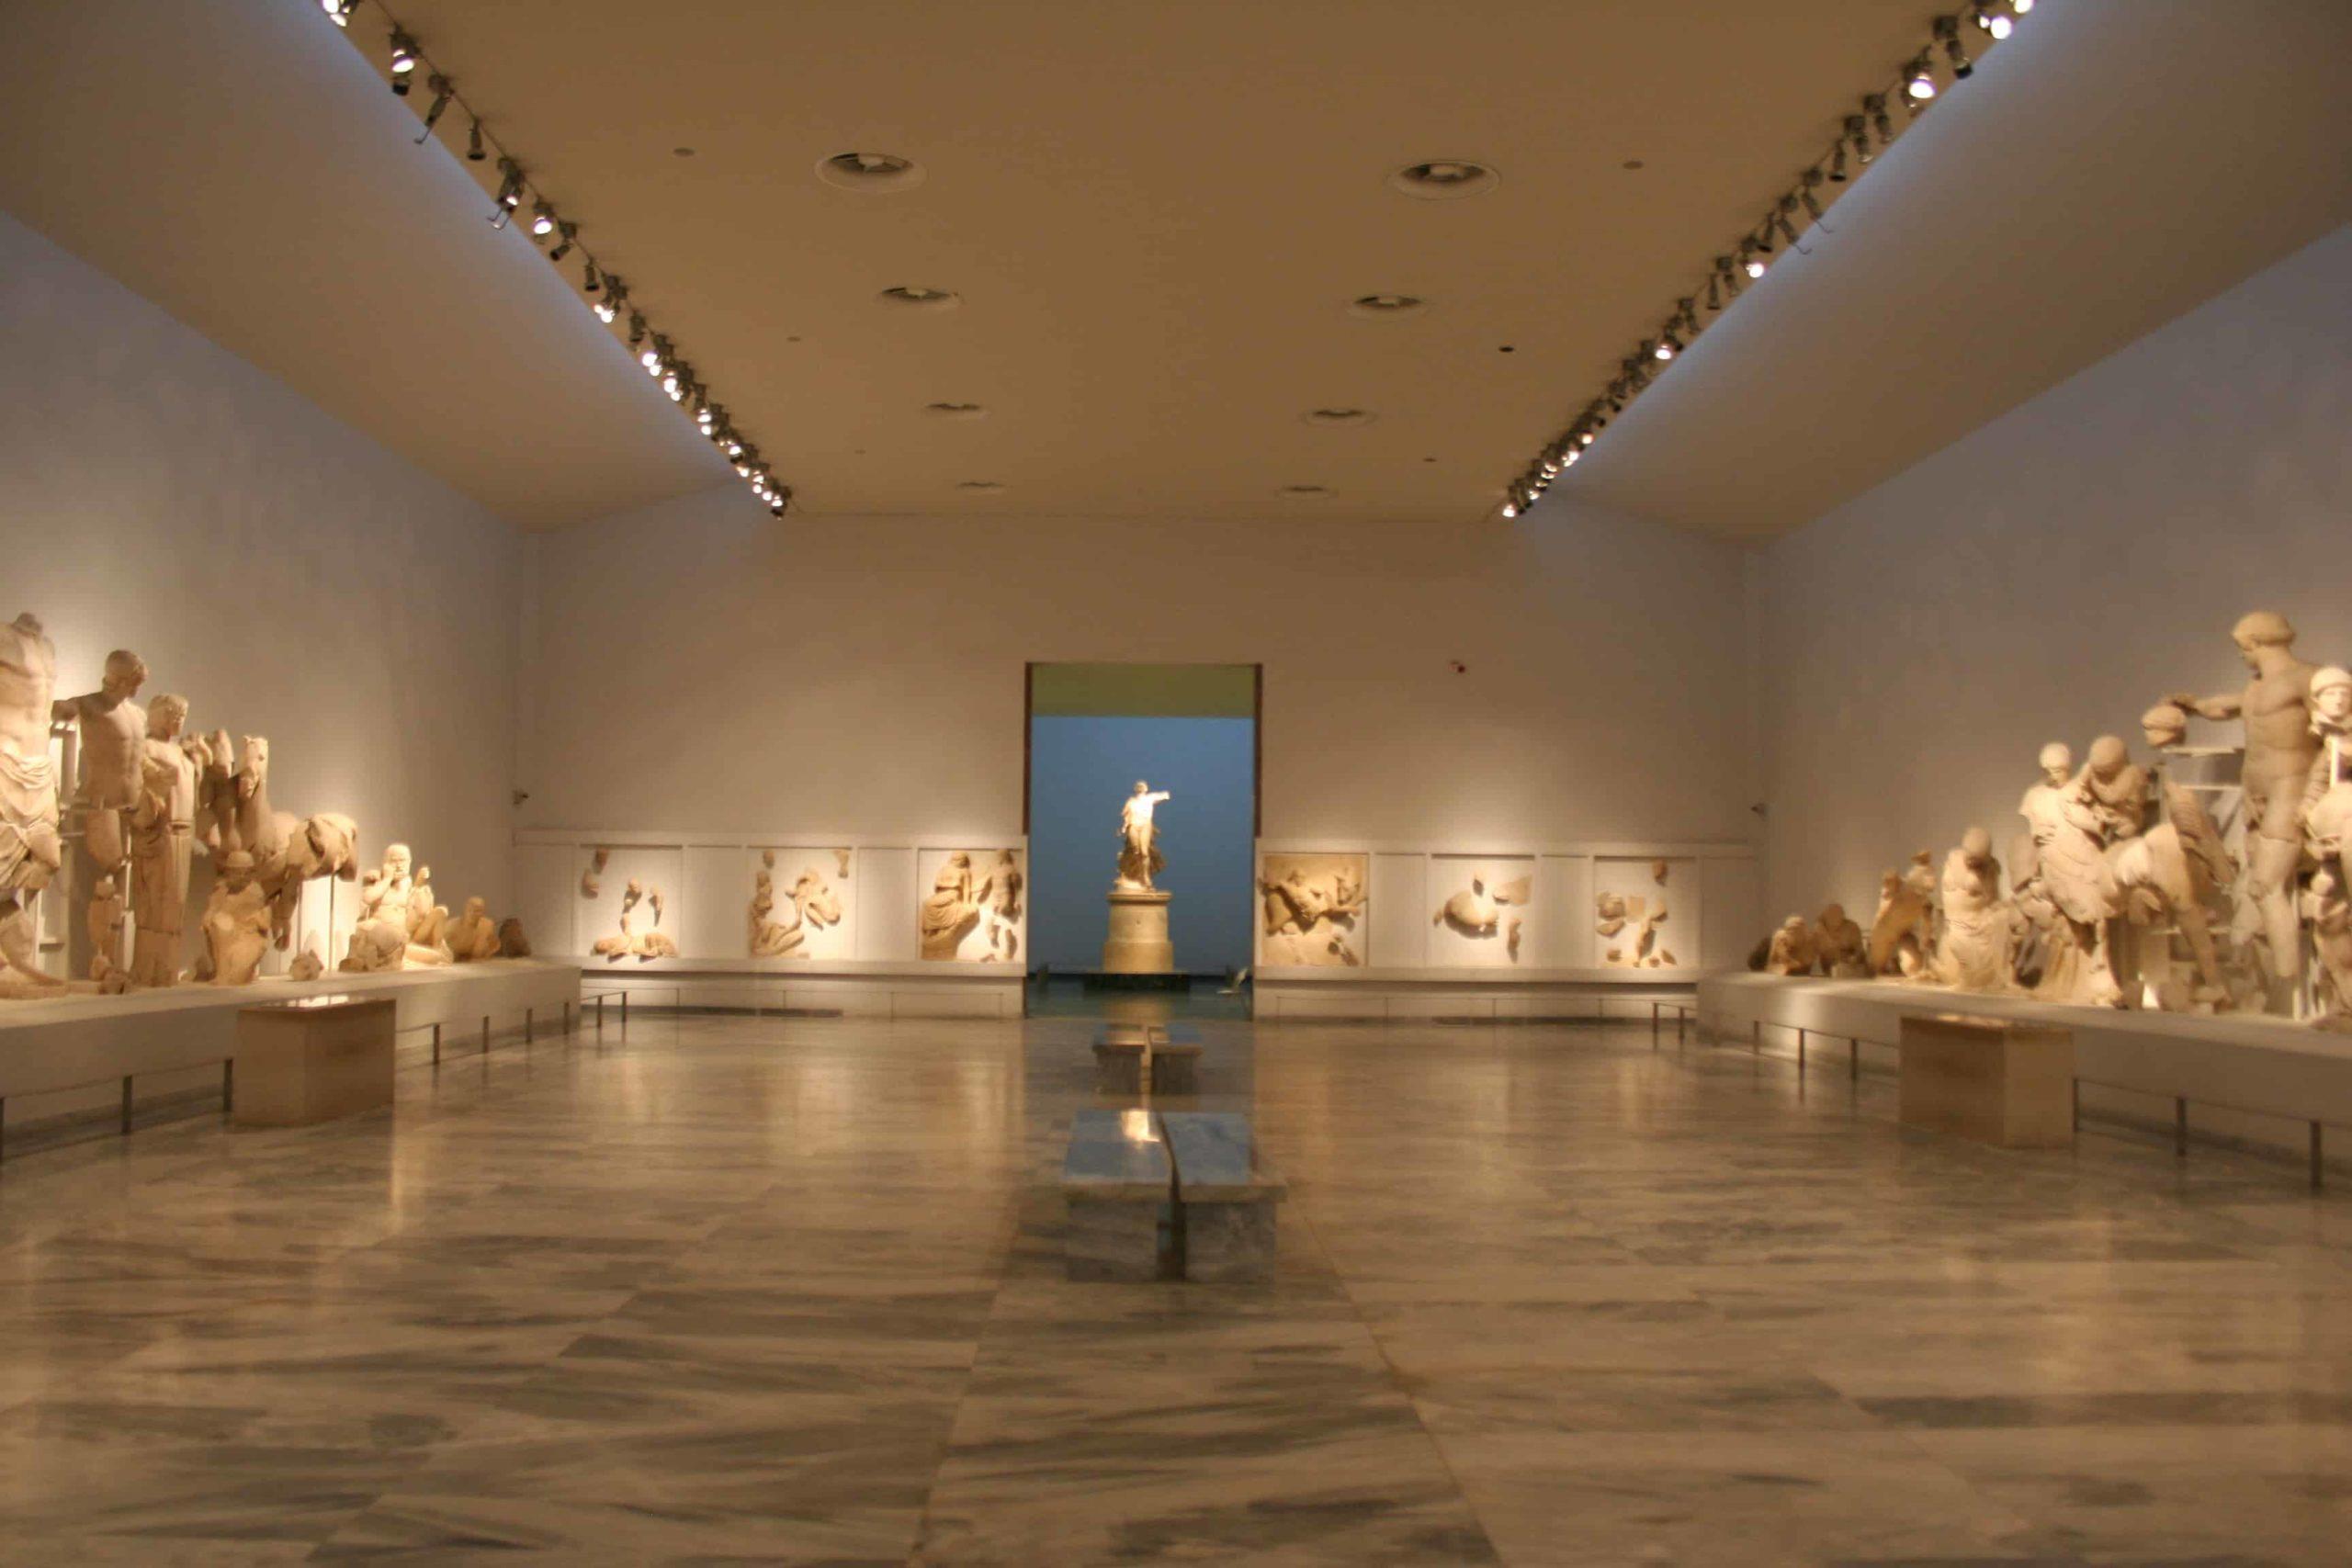 Αίθουσα στο Αρχαιολογικό Μουσείο Ολυμπίας